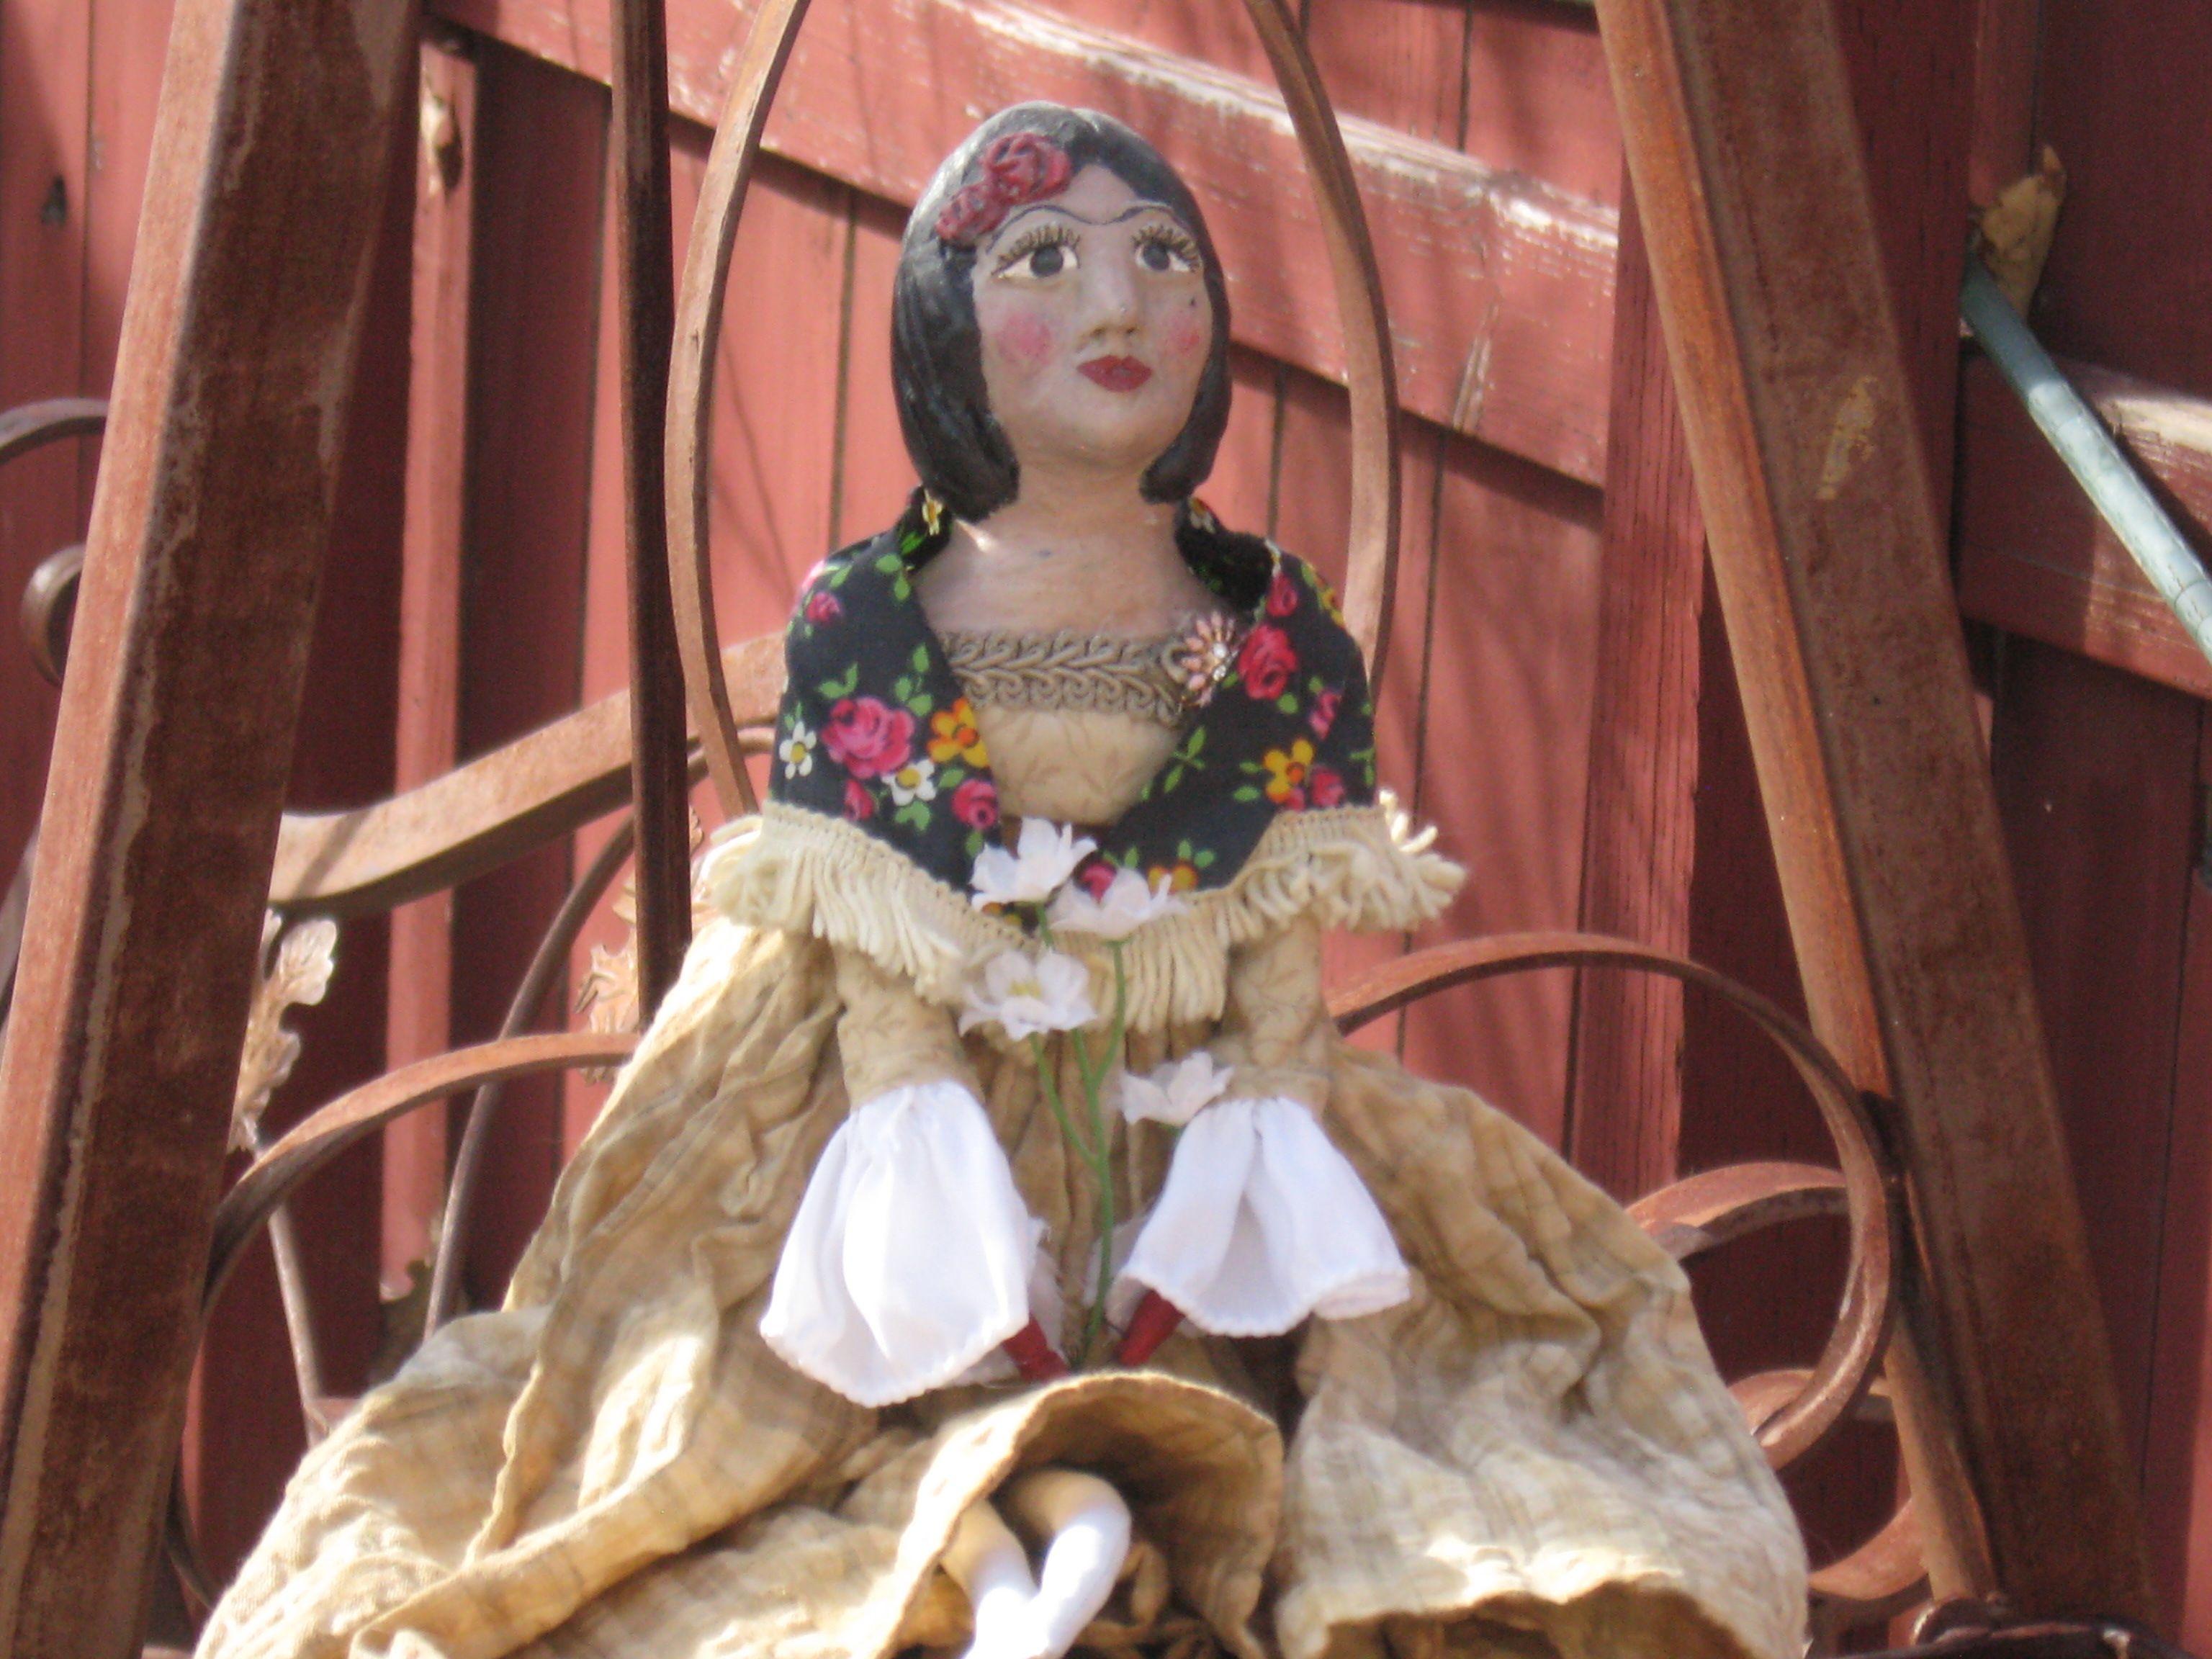 Frida Kahlo inspired.